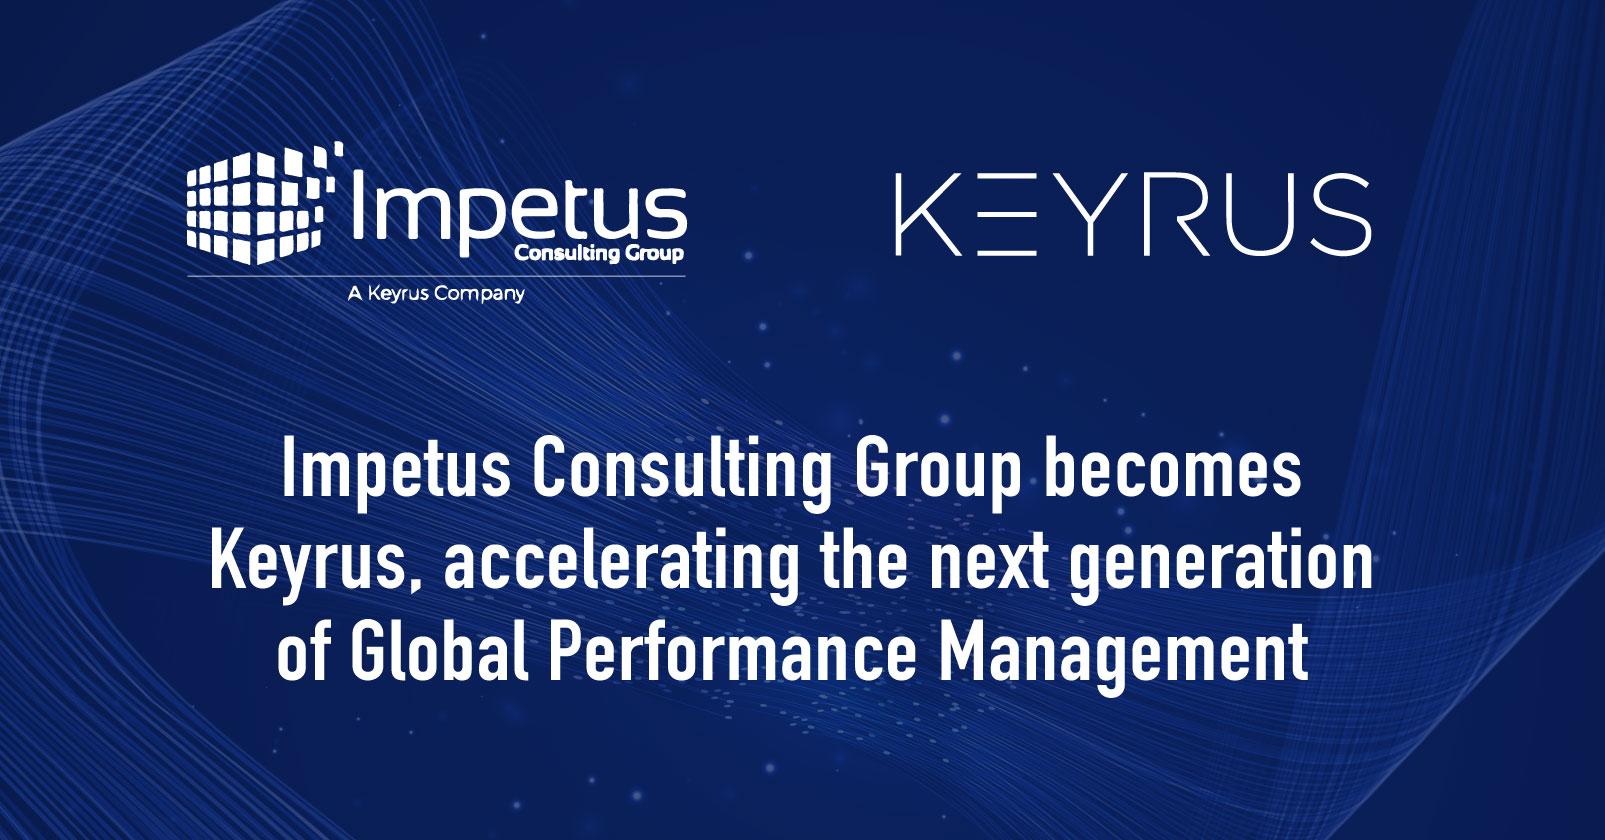 Impetus becomes Keyrus